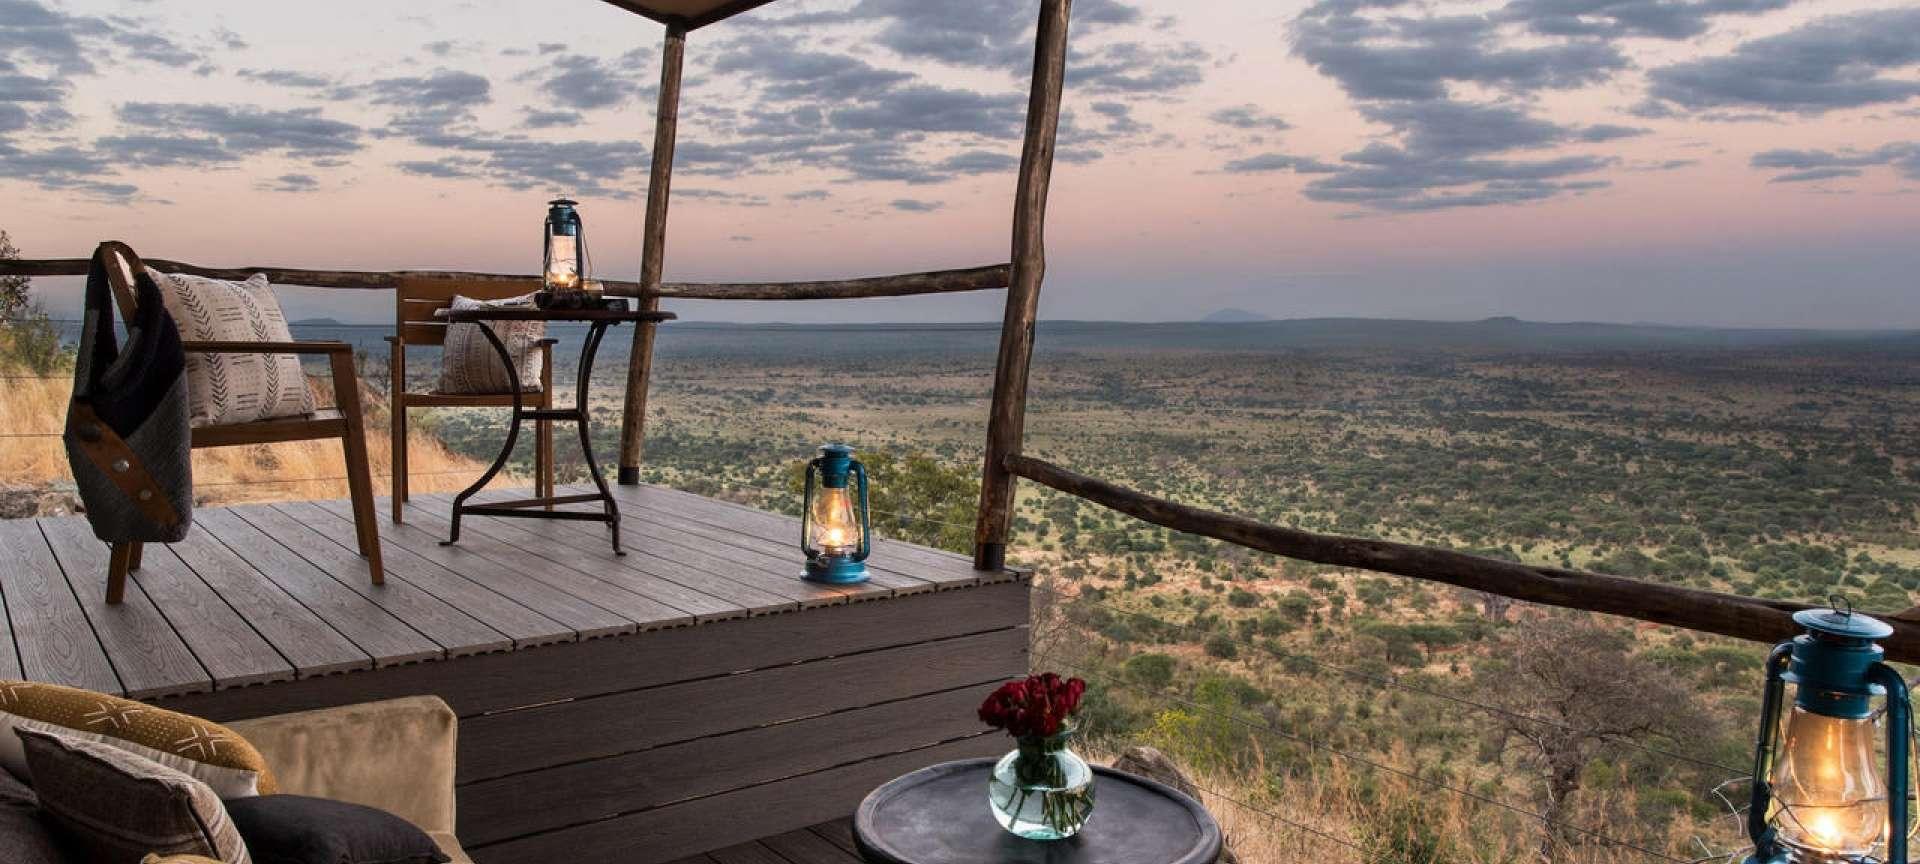 Luxury Safari Lodges in Tanzania